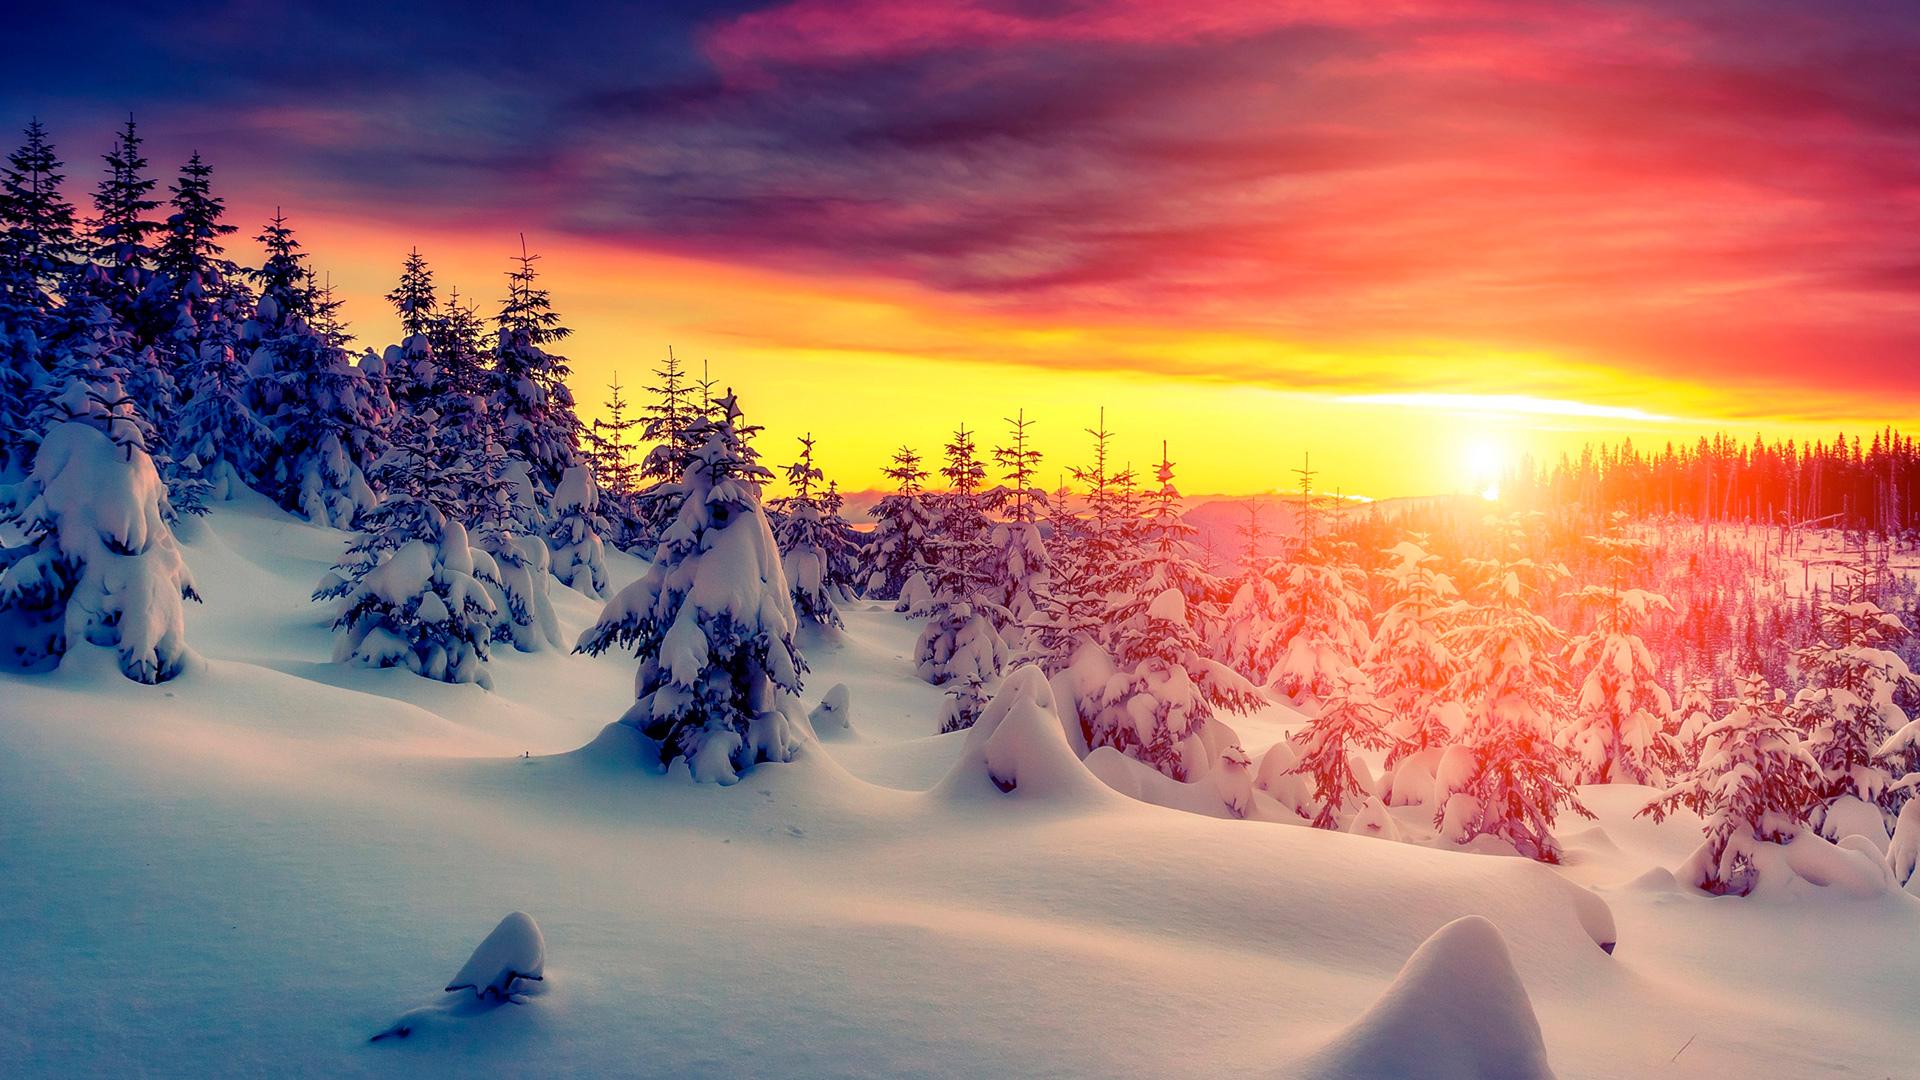 снег и ели